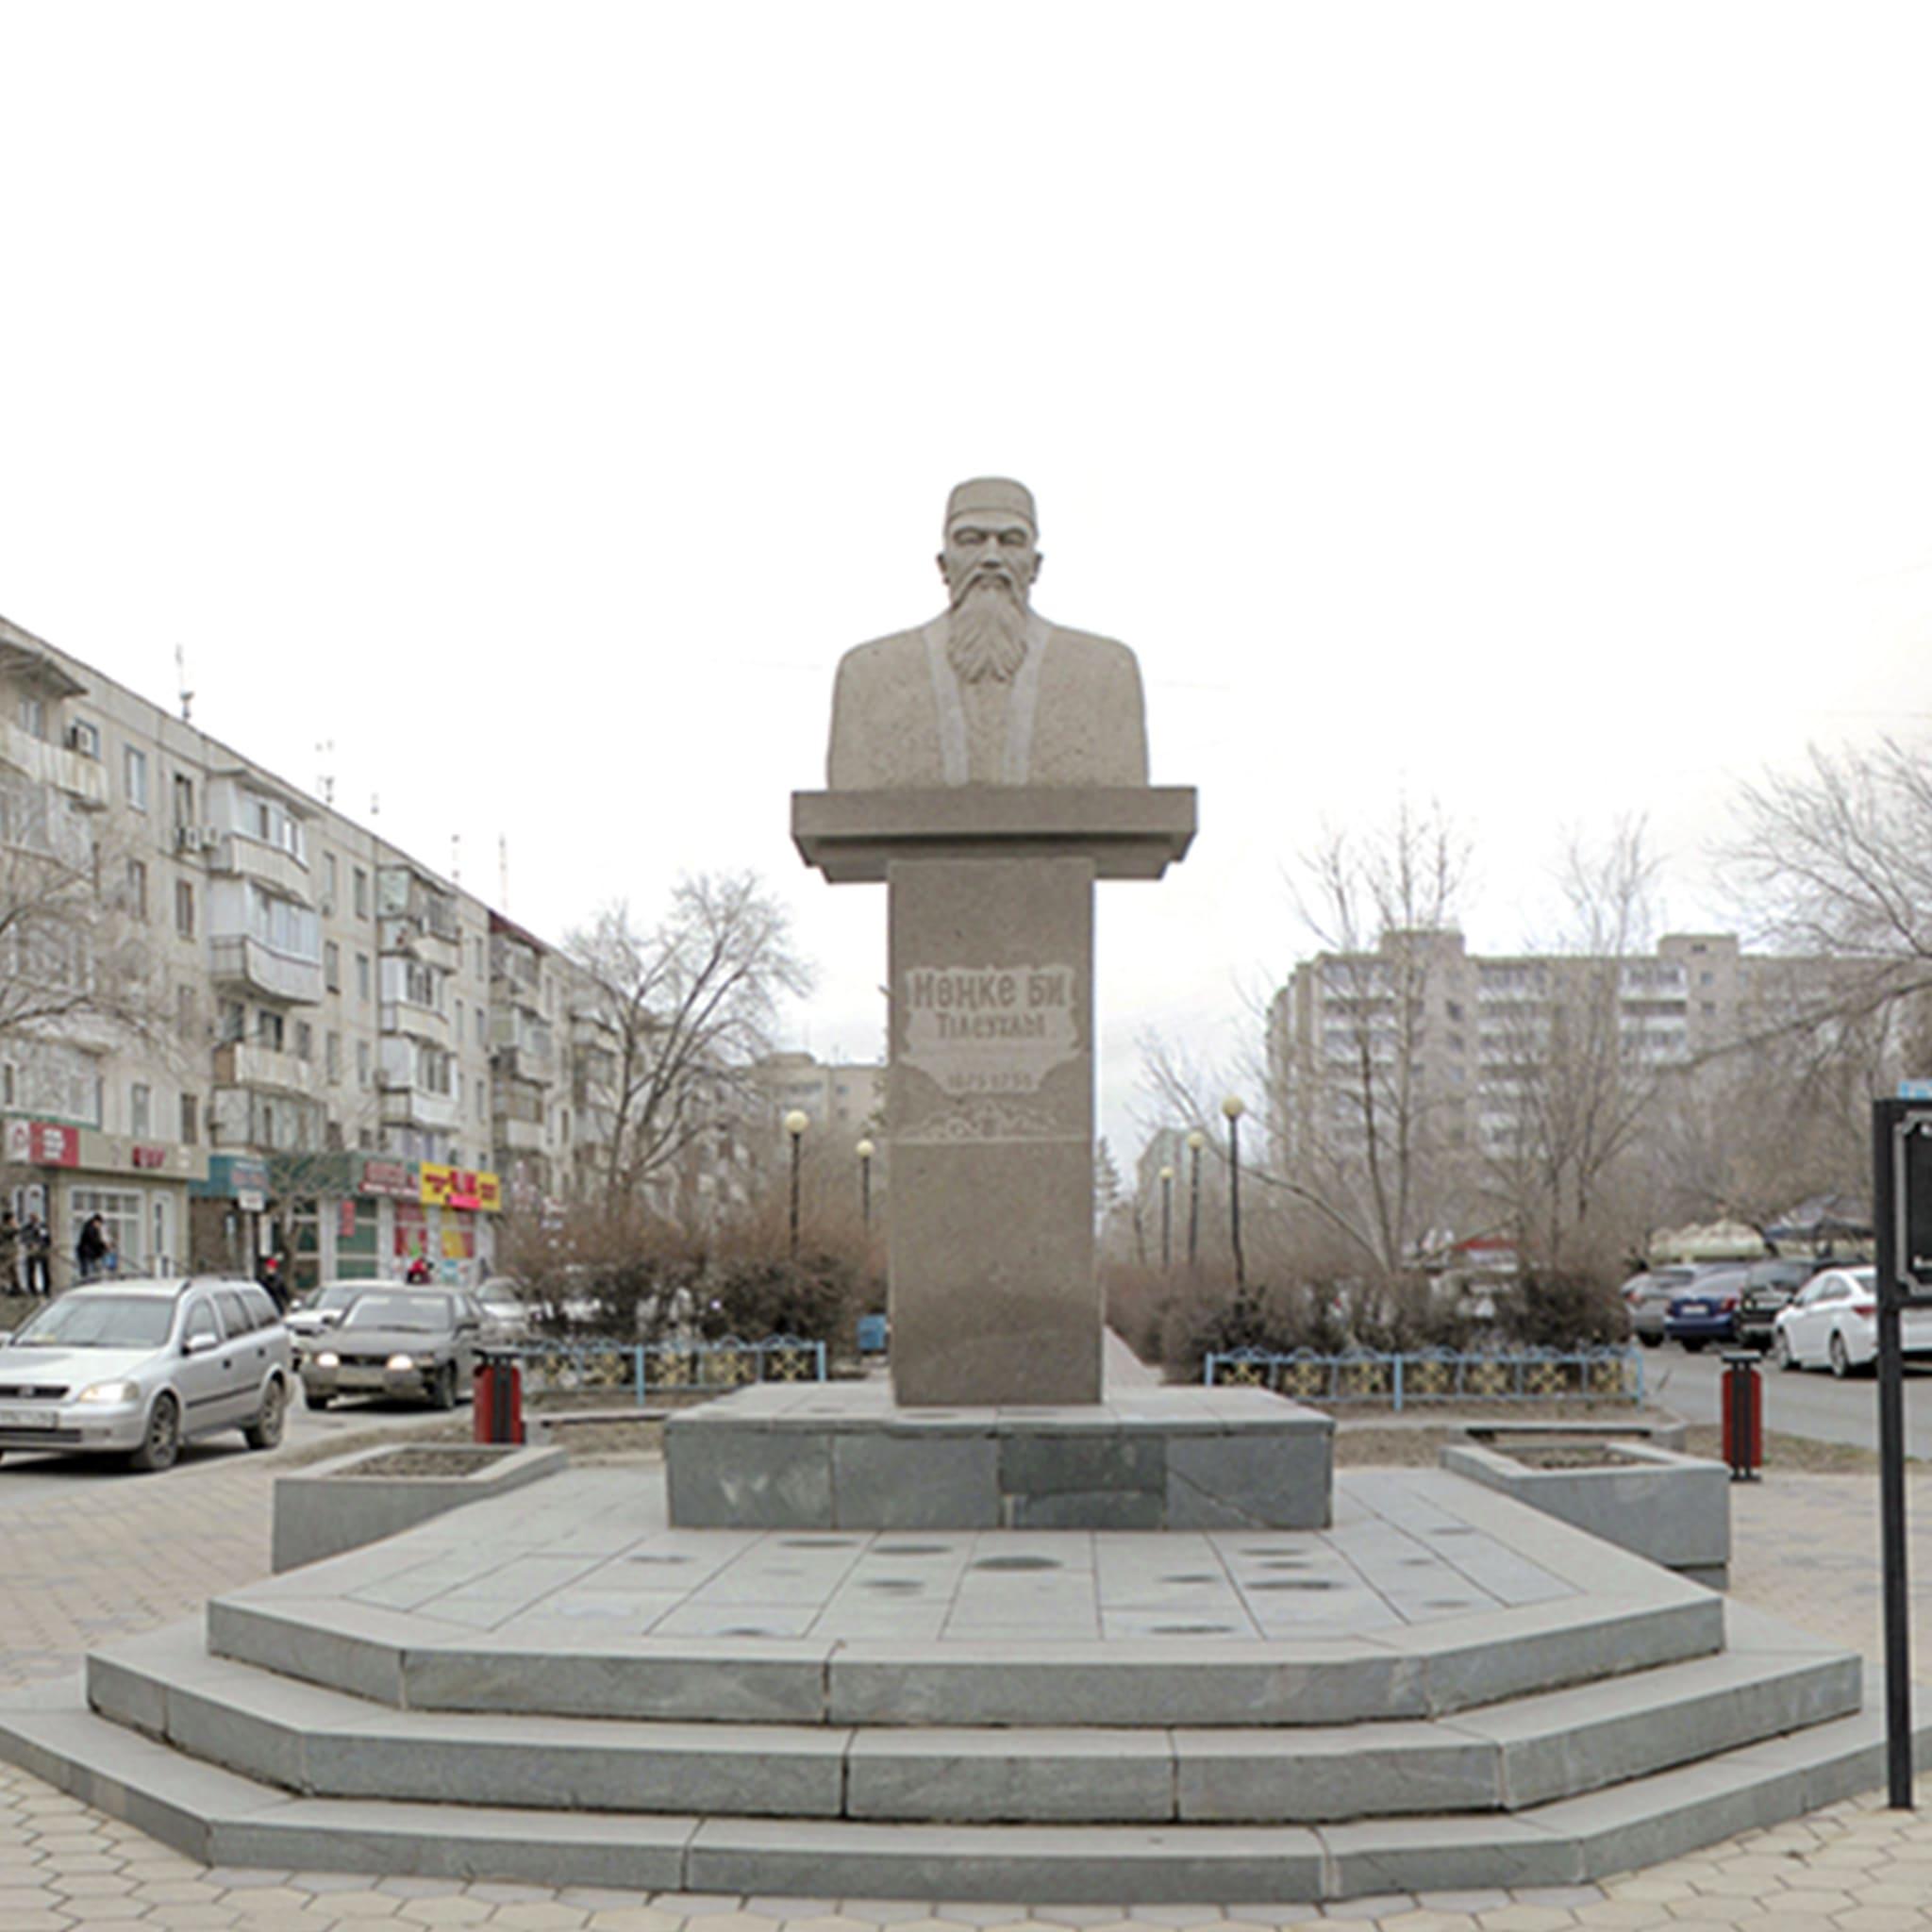 Памятник-бюст Монке би Тилеуулы